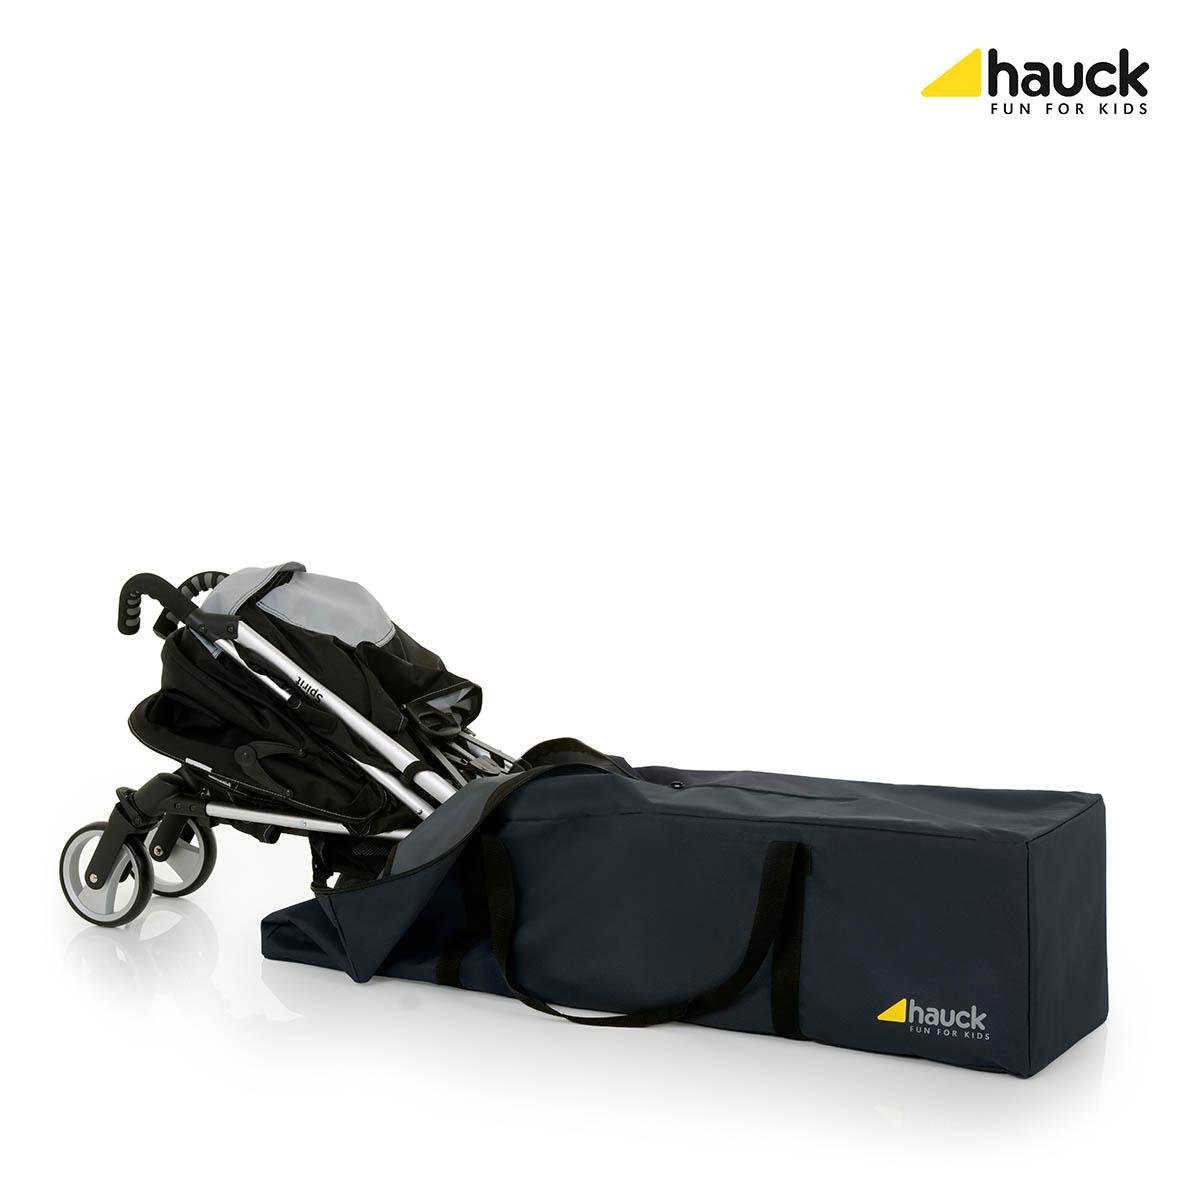 Hauck Bag me 2017 (VE 12) taška na golfové hole